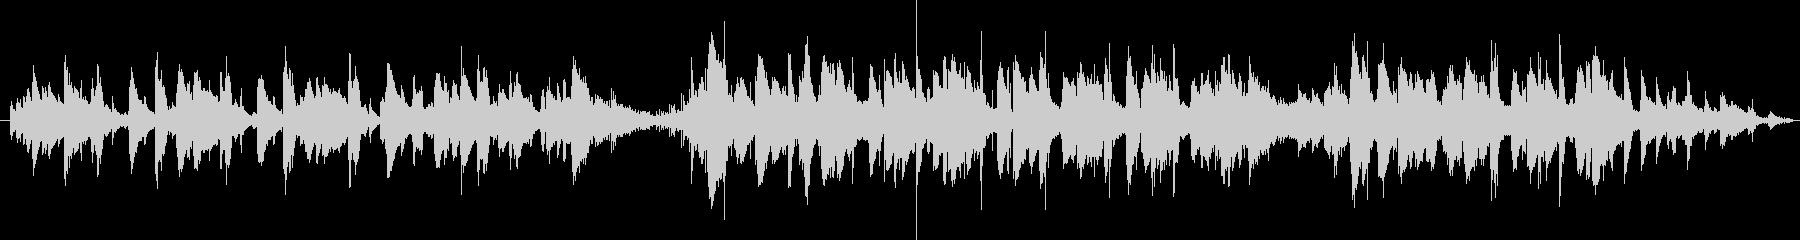 軽快で粋なジャズサウンドの未再生の波形